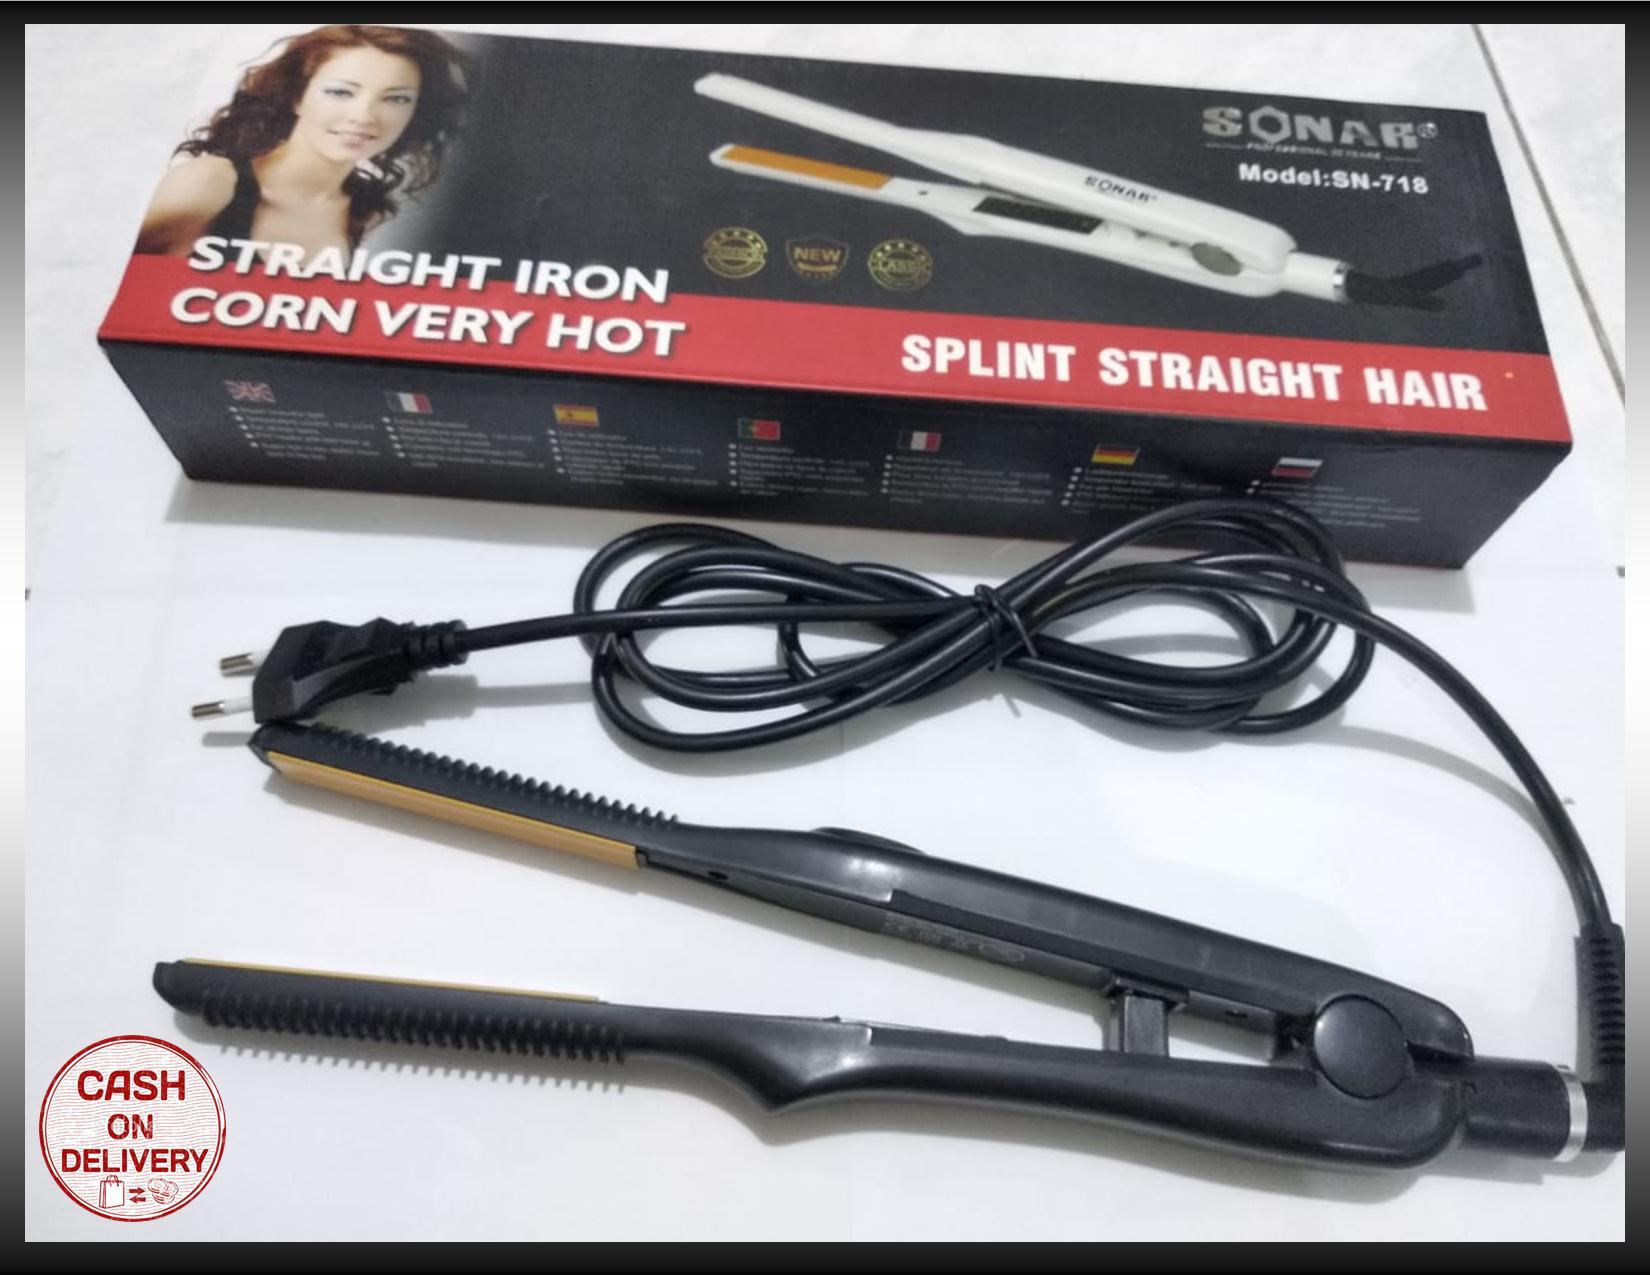 kado unik– catokan rambut lurus sonar sn-718 / pelurus rambut profesional / catok sonar berkualitas / catok rambut sonar  / catok rambut salon smothing